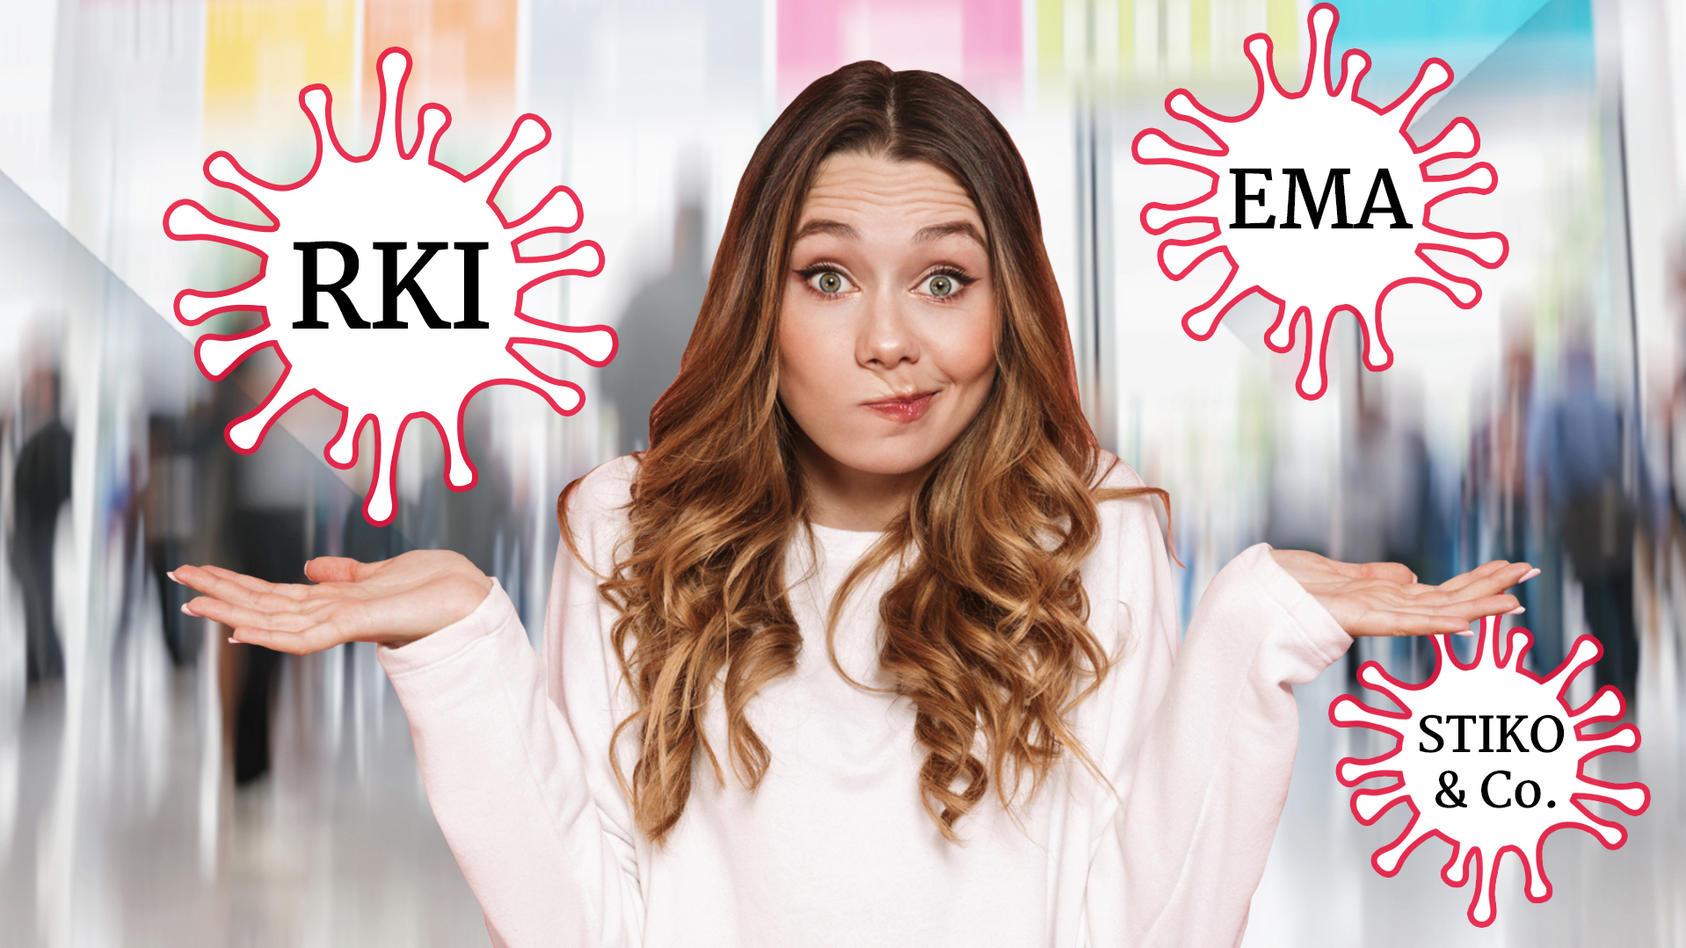 RKI, STIKO, EMA & Co. - durch Corona sind viele Abkürzungen aus unserem Alltag nicht mehr wegzudenken. Aber wer oder was steckt eigentlich dahinter?